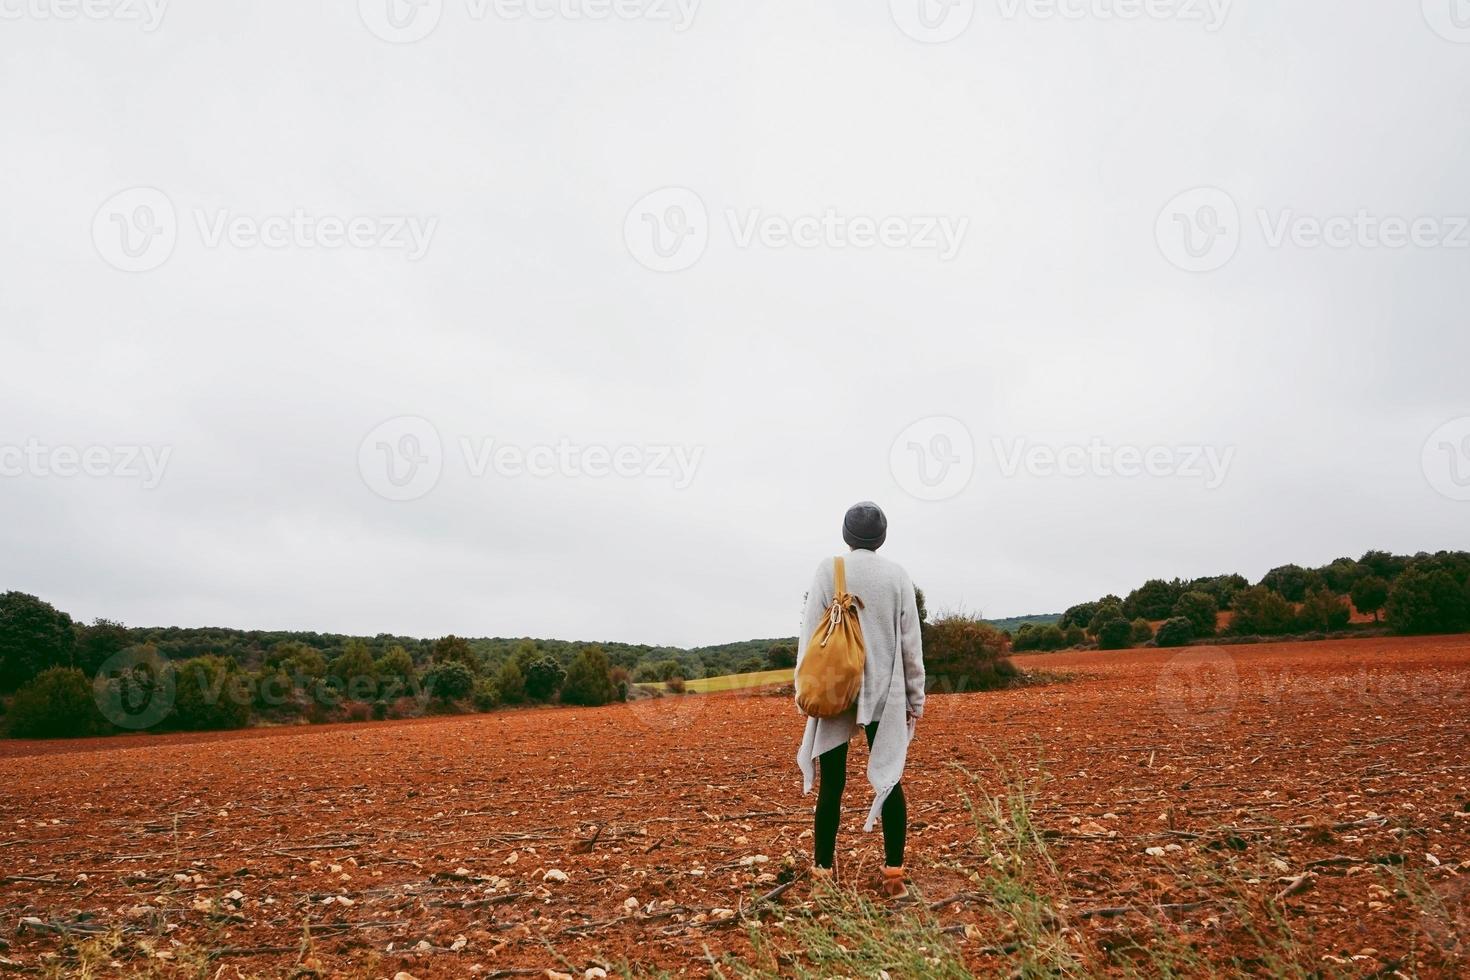 medelålders kvinna ensam i naturen en kall höstdag foto